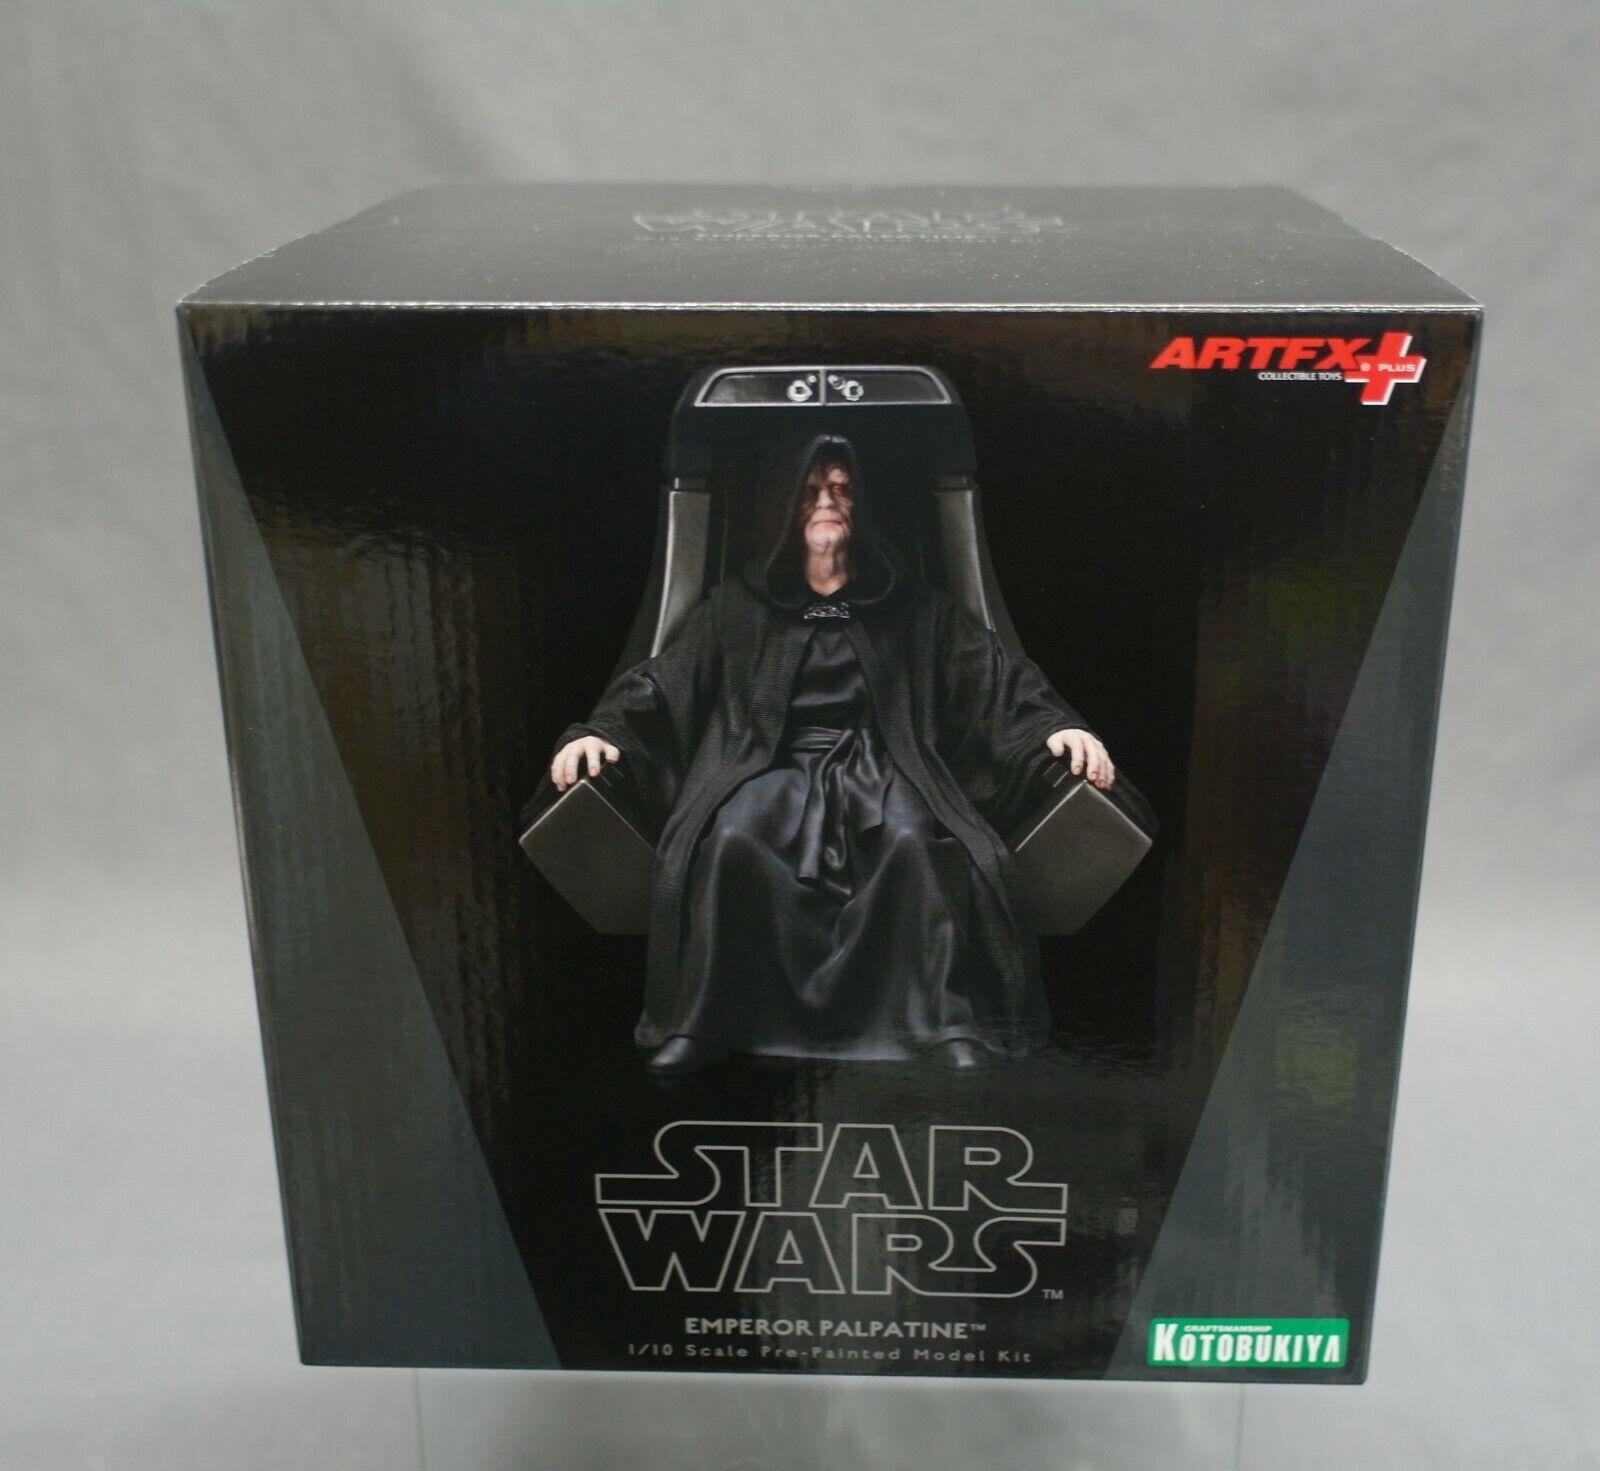 ARTFX+ estrella guerras Emperor Palpatine 1  10 Kotobukiya Japan nuovo (c)  buon prezzo